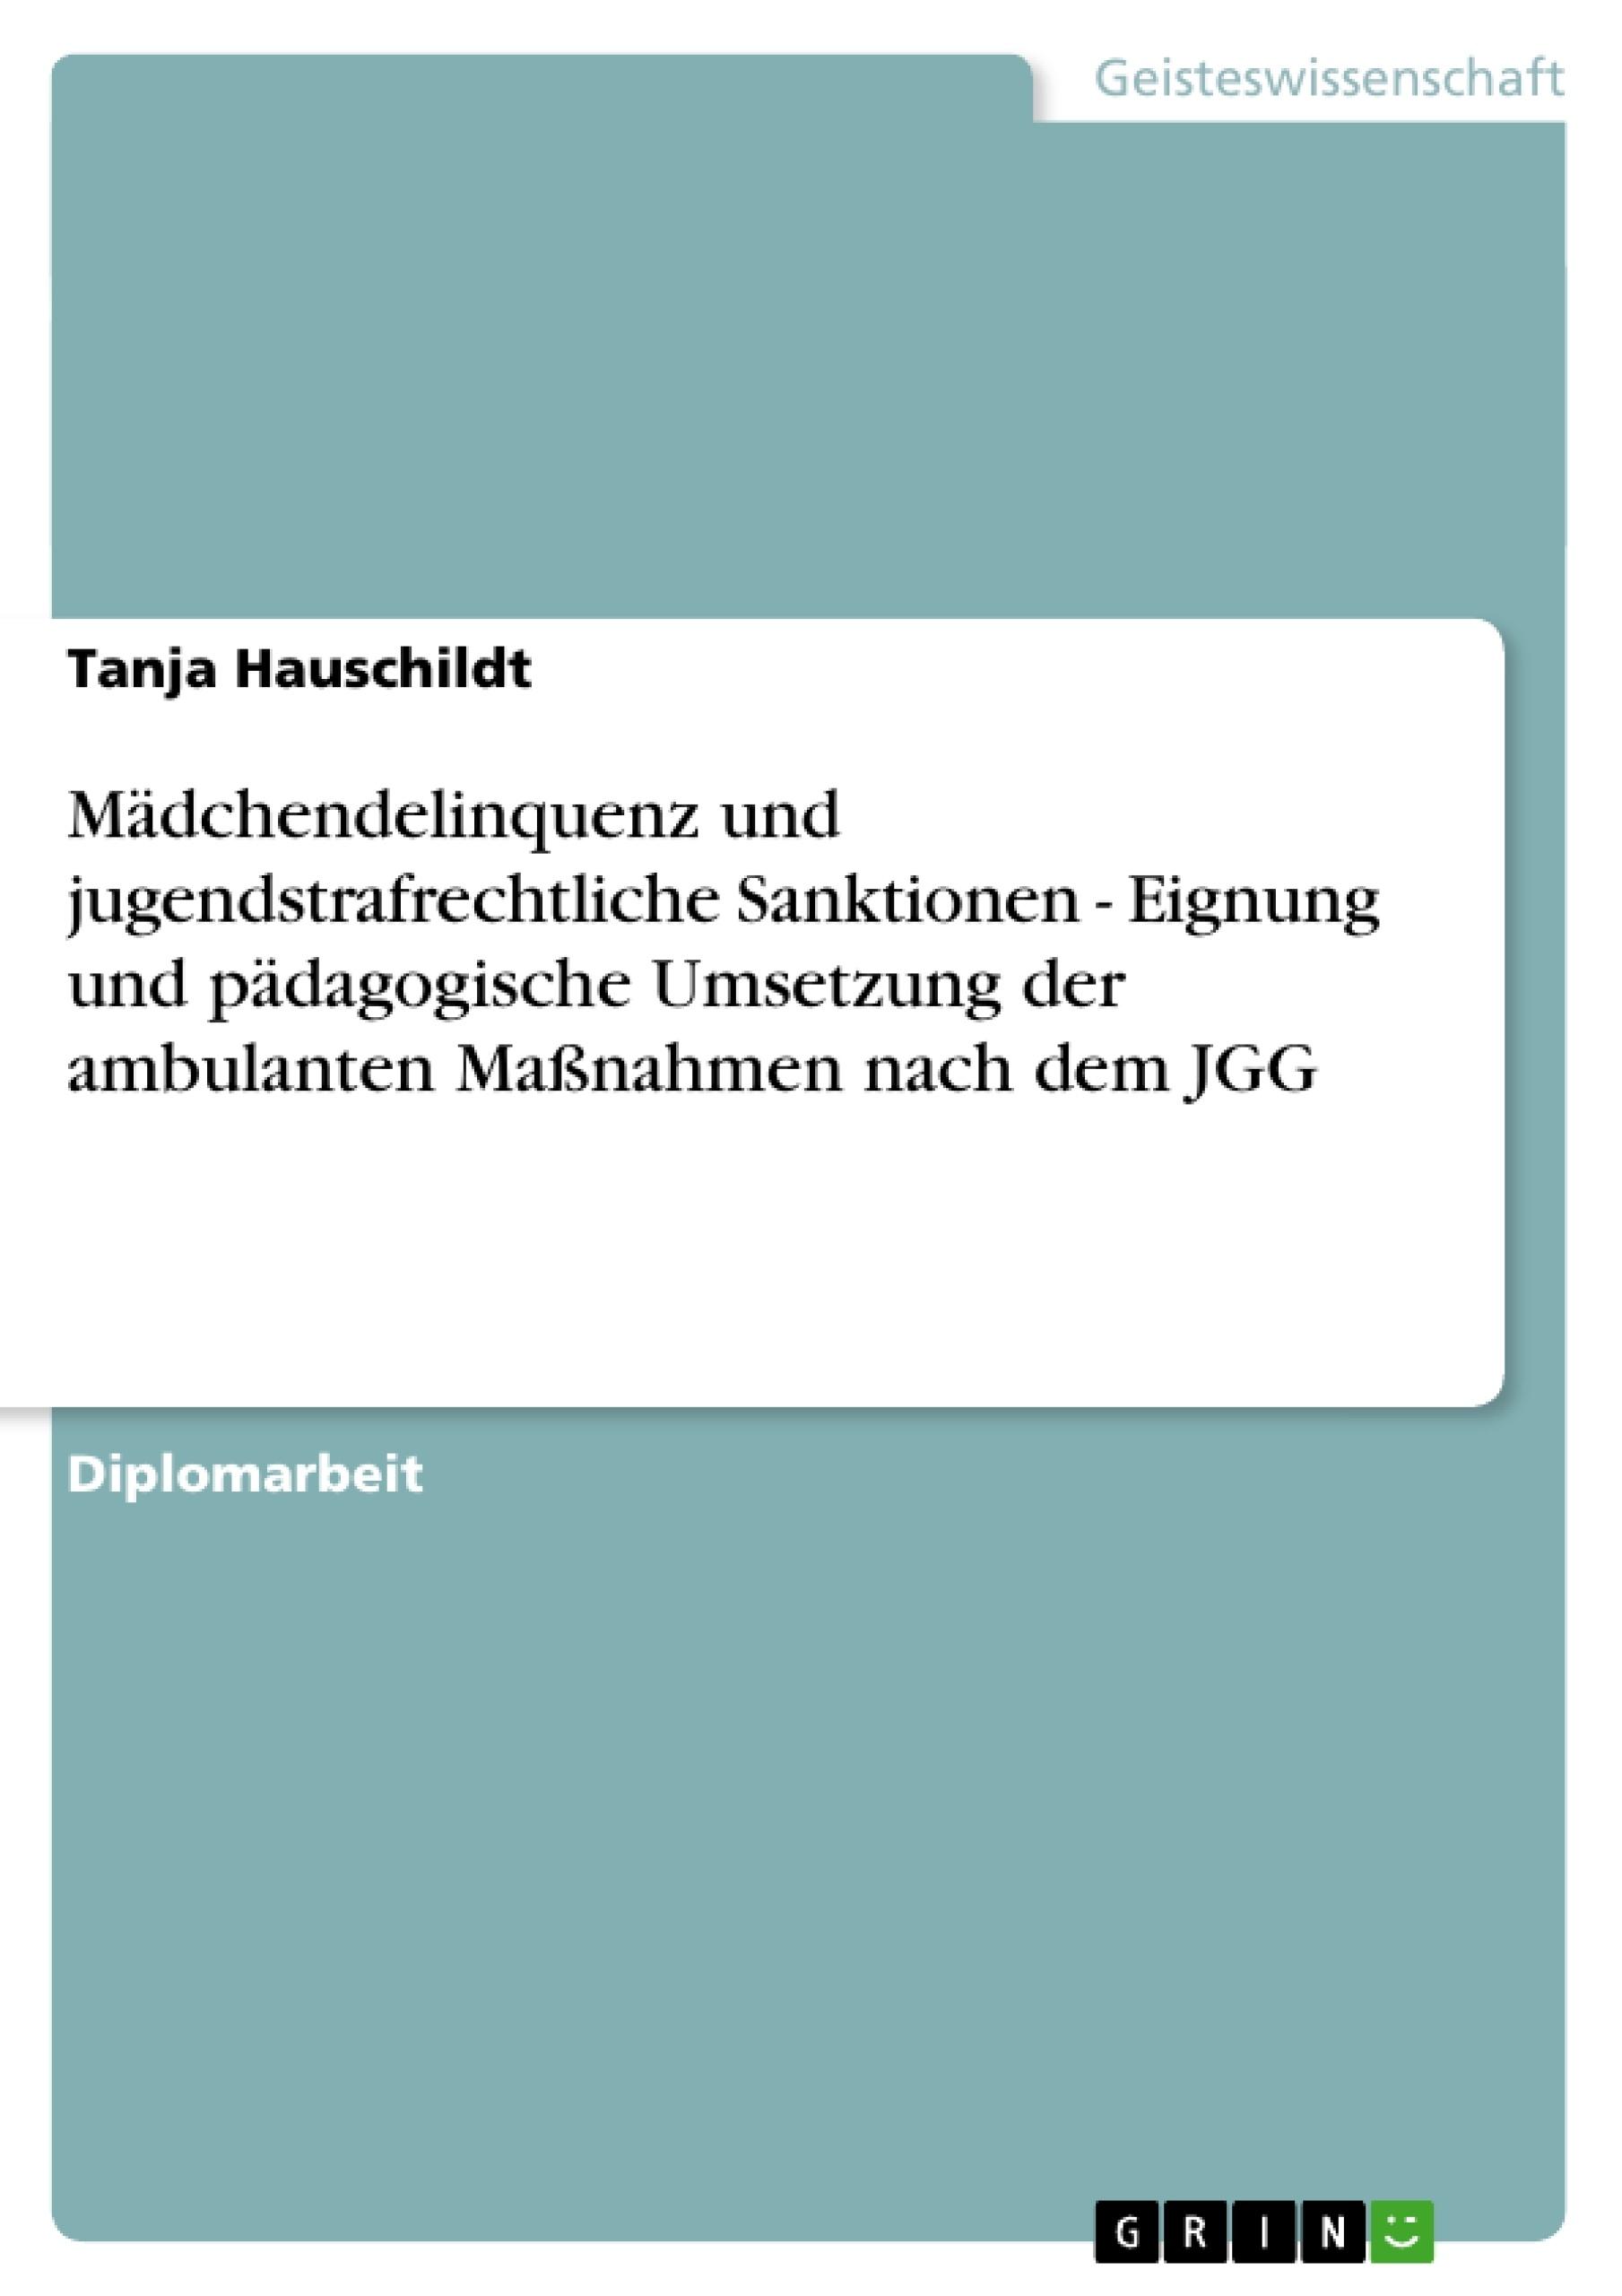 Titel: Mädchendelinquenz und jugendstrafrechtliche Sanktionen - Eignung und pädagogische Umsetzung der ambulanten Maßnahmen nach dem JGG